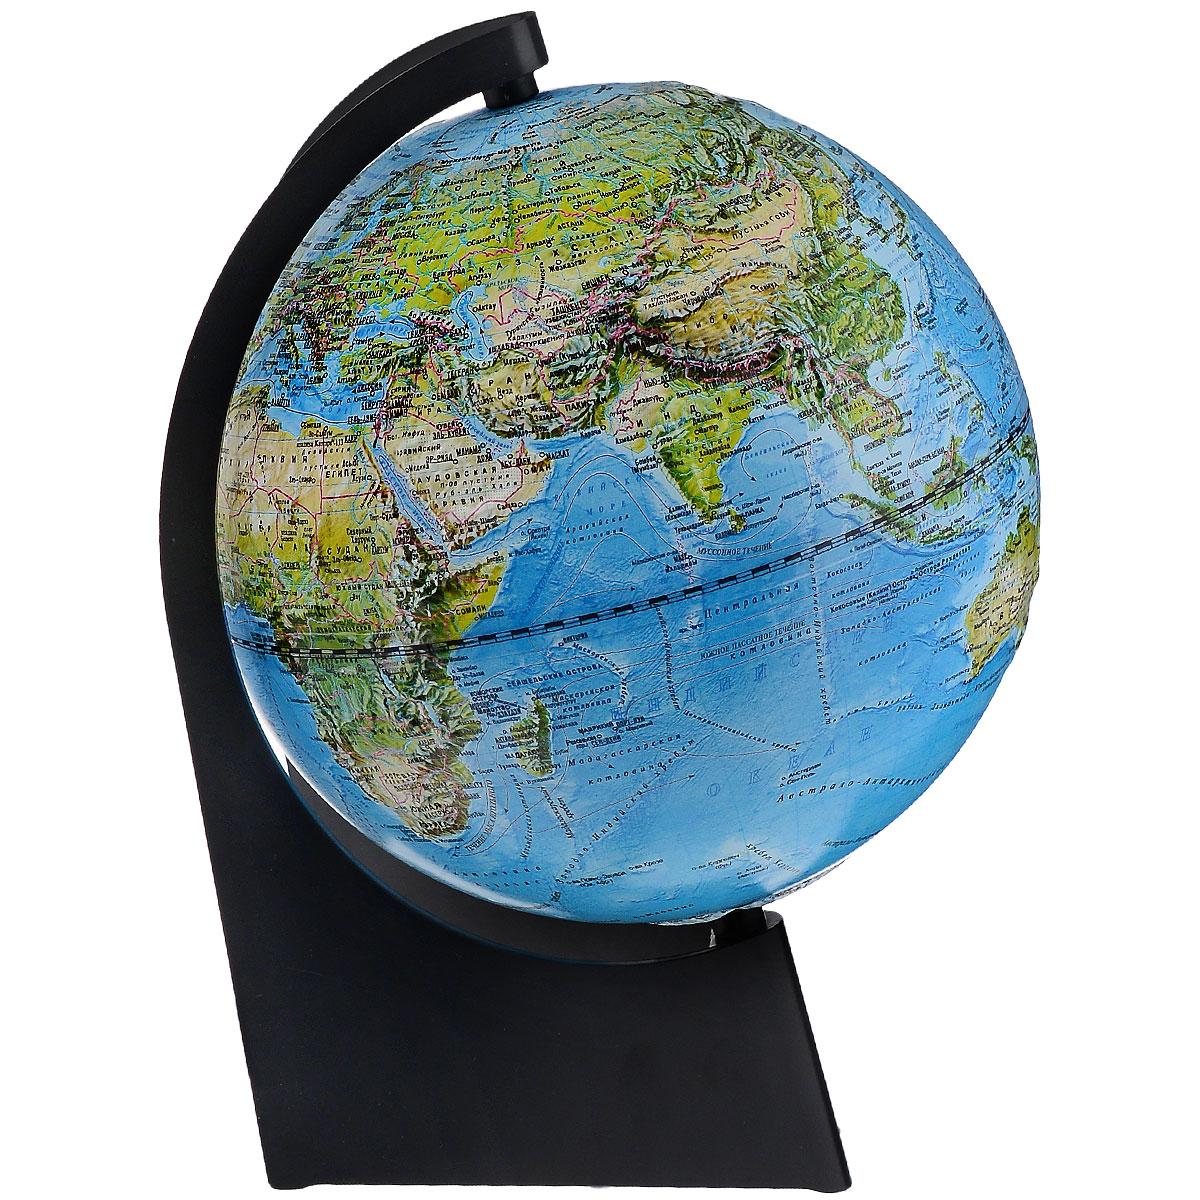 Глобусный мир Глобус с физической/политической картой, рельефный, диаметр 21 см, с подсветкой, на подставке10290Географический рельефный глобус с физической и политической картой мира станет незаменимым атрибутом обучения не только школьника, но и студента. На глобусе отображены линии картографической сетки, гидрографическая сеть, рельеф суши и морского дна, крупнейшие населенные пункты, теплые и холодные течения. На глобусе также указаны названия стран и их границы. Глобус является уменьшенной и практически не искаженной моделью Земли и предназначен для использования в качестве наглядного картографического пособия, а также для украшения интерьера квартир, кабинетов и офисов. Красочность, повышенная наглядность визуального восприятия взаимосвязей, отображенных на глобусе объектов и явлений, в сочетании с простотой выполнения по нему различных измерений делают глобус доступным широкому кругу потребителей для получения разнообразной познавательной, научной и справочной информации о Земле. Глобус на оригинальной пластиковой подставке, с подсветкой. Масштаб: 1:60000000.